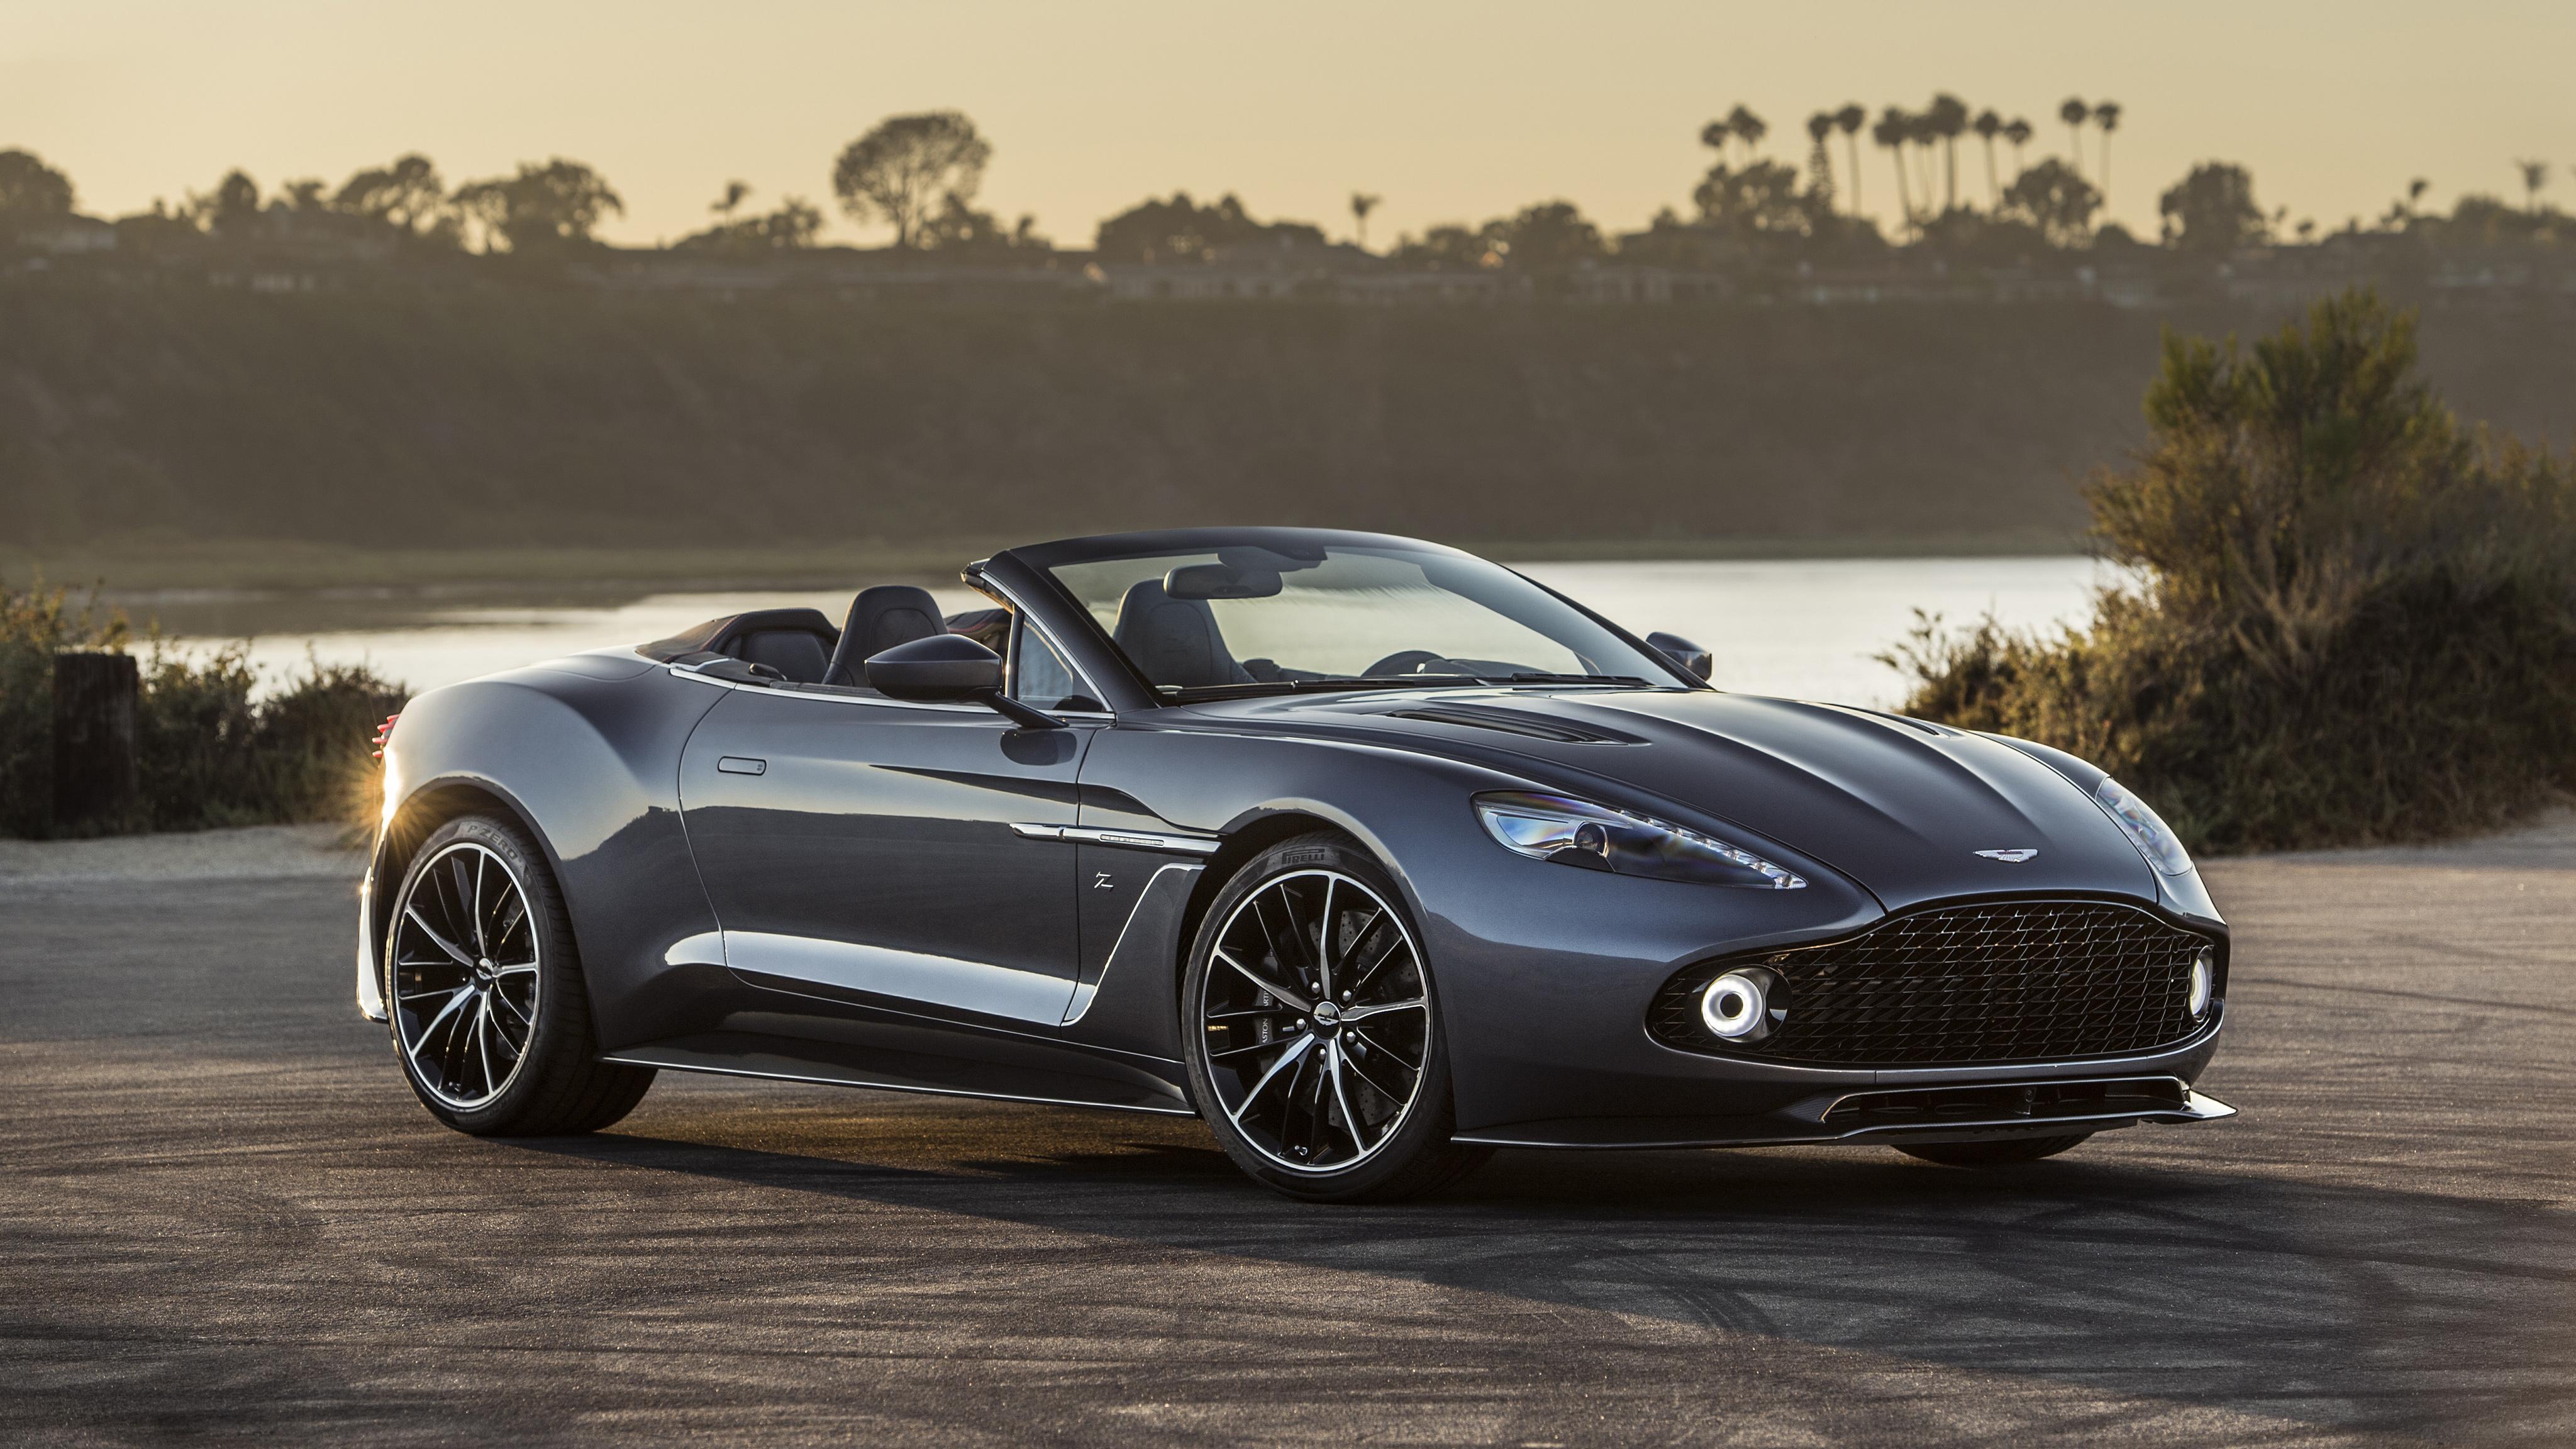 2017 Aston Martin Vanquish Zagato Volante 4K Wallpaper ...